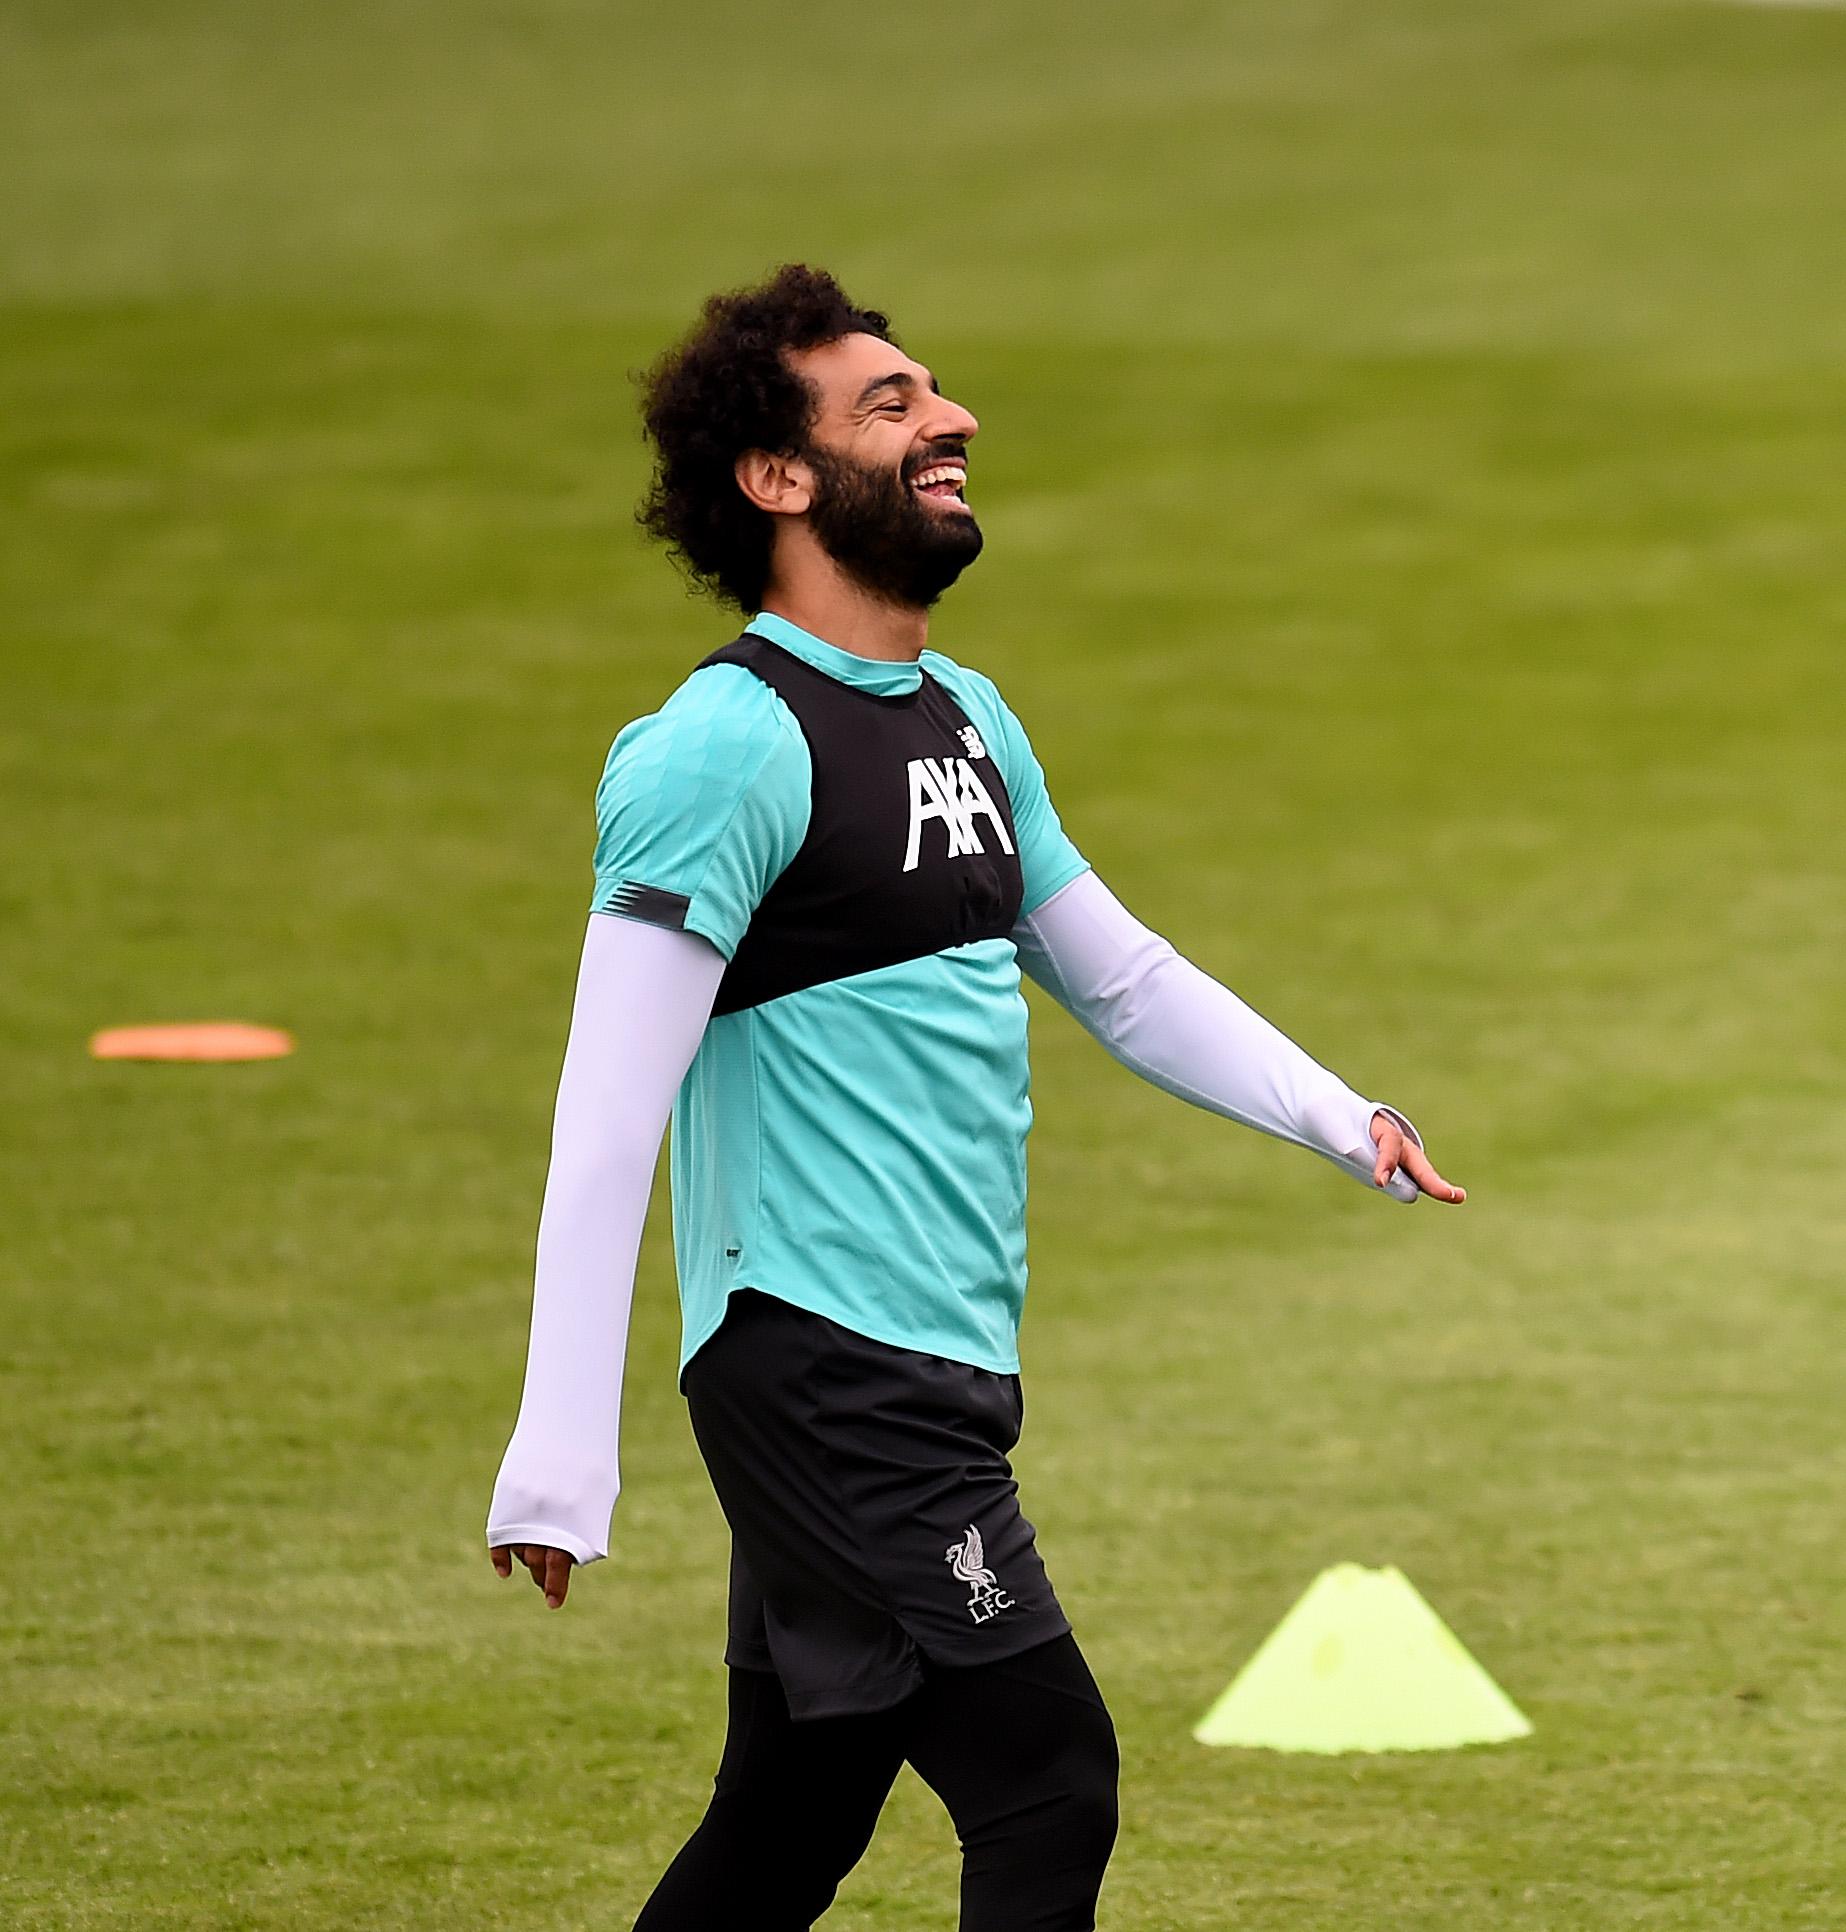 عدسات المصورين تطارد محمد صلاح في تدريبات ليفربول استعدادا لمواجهة السيتي (1)